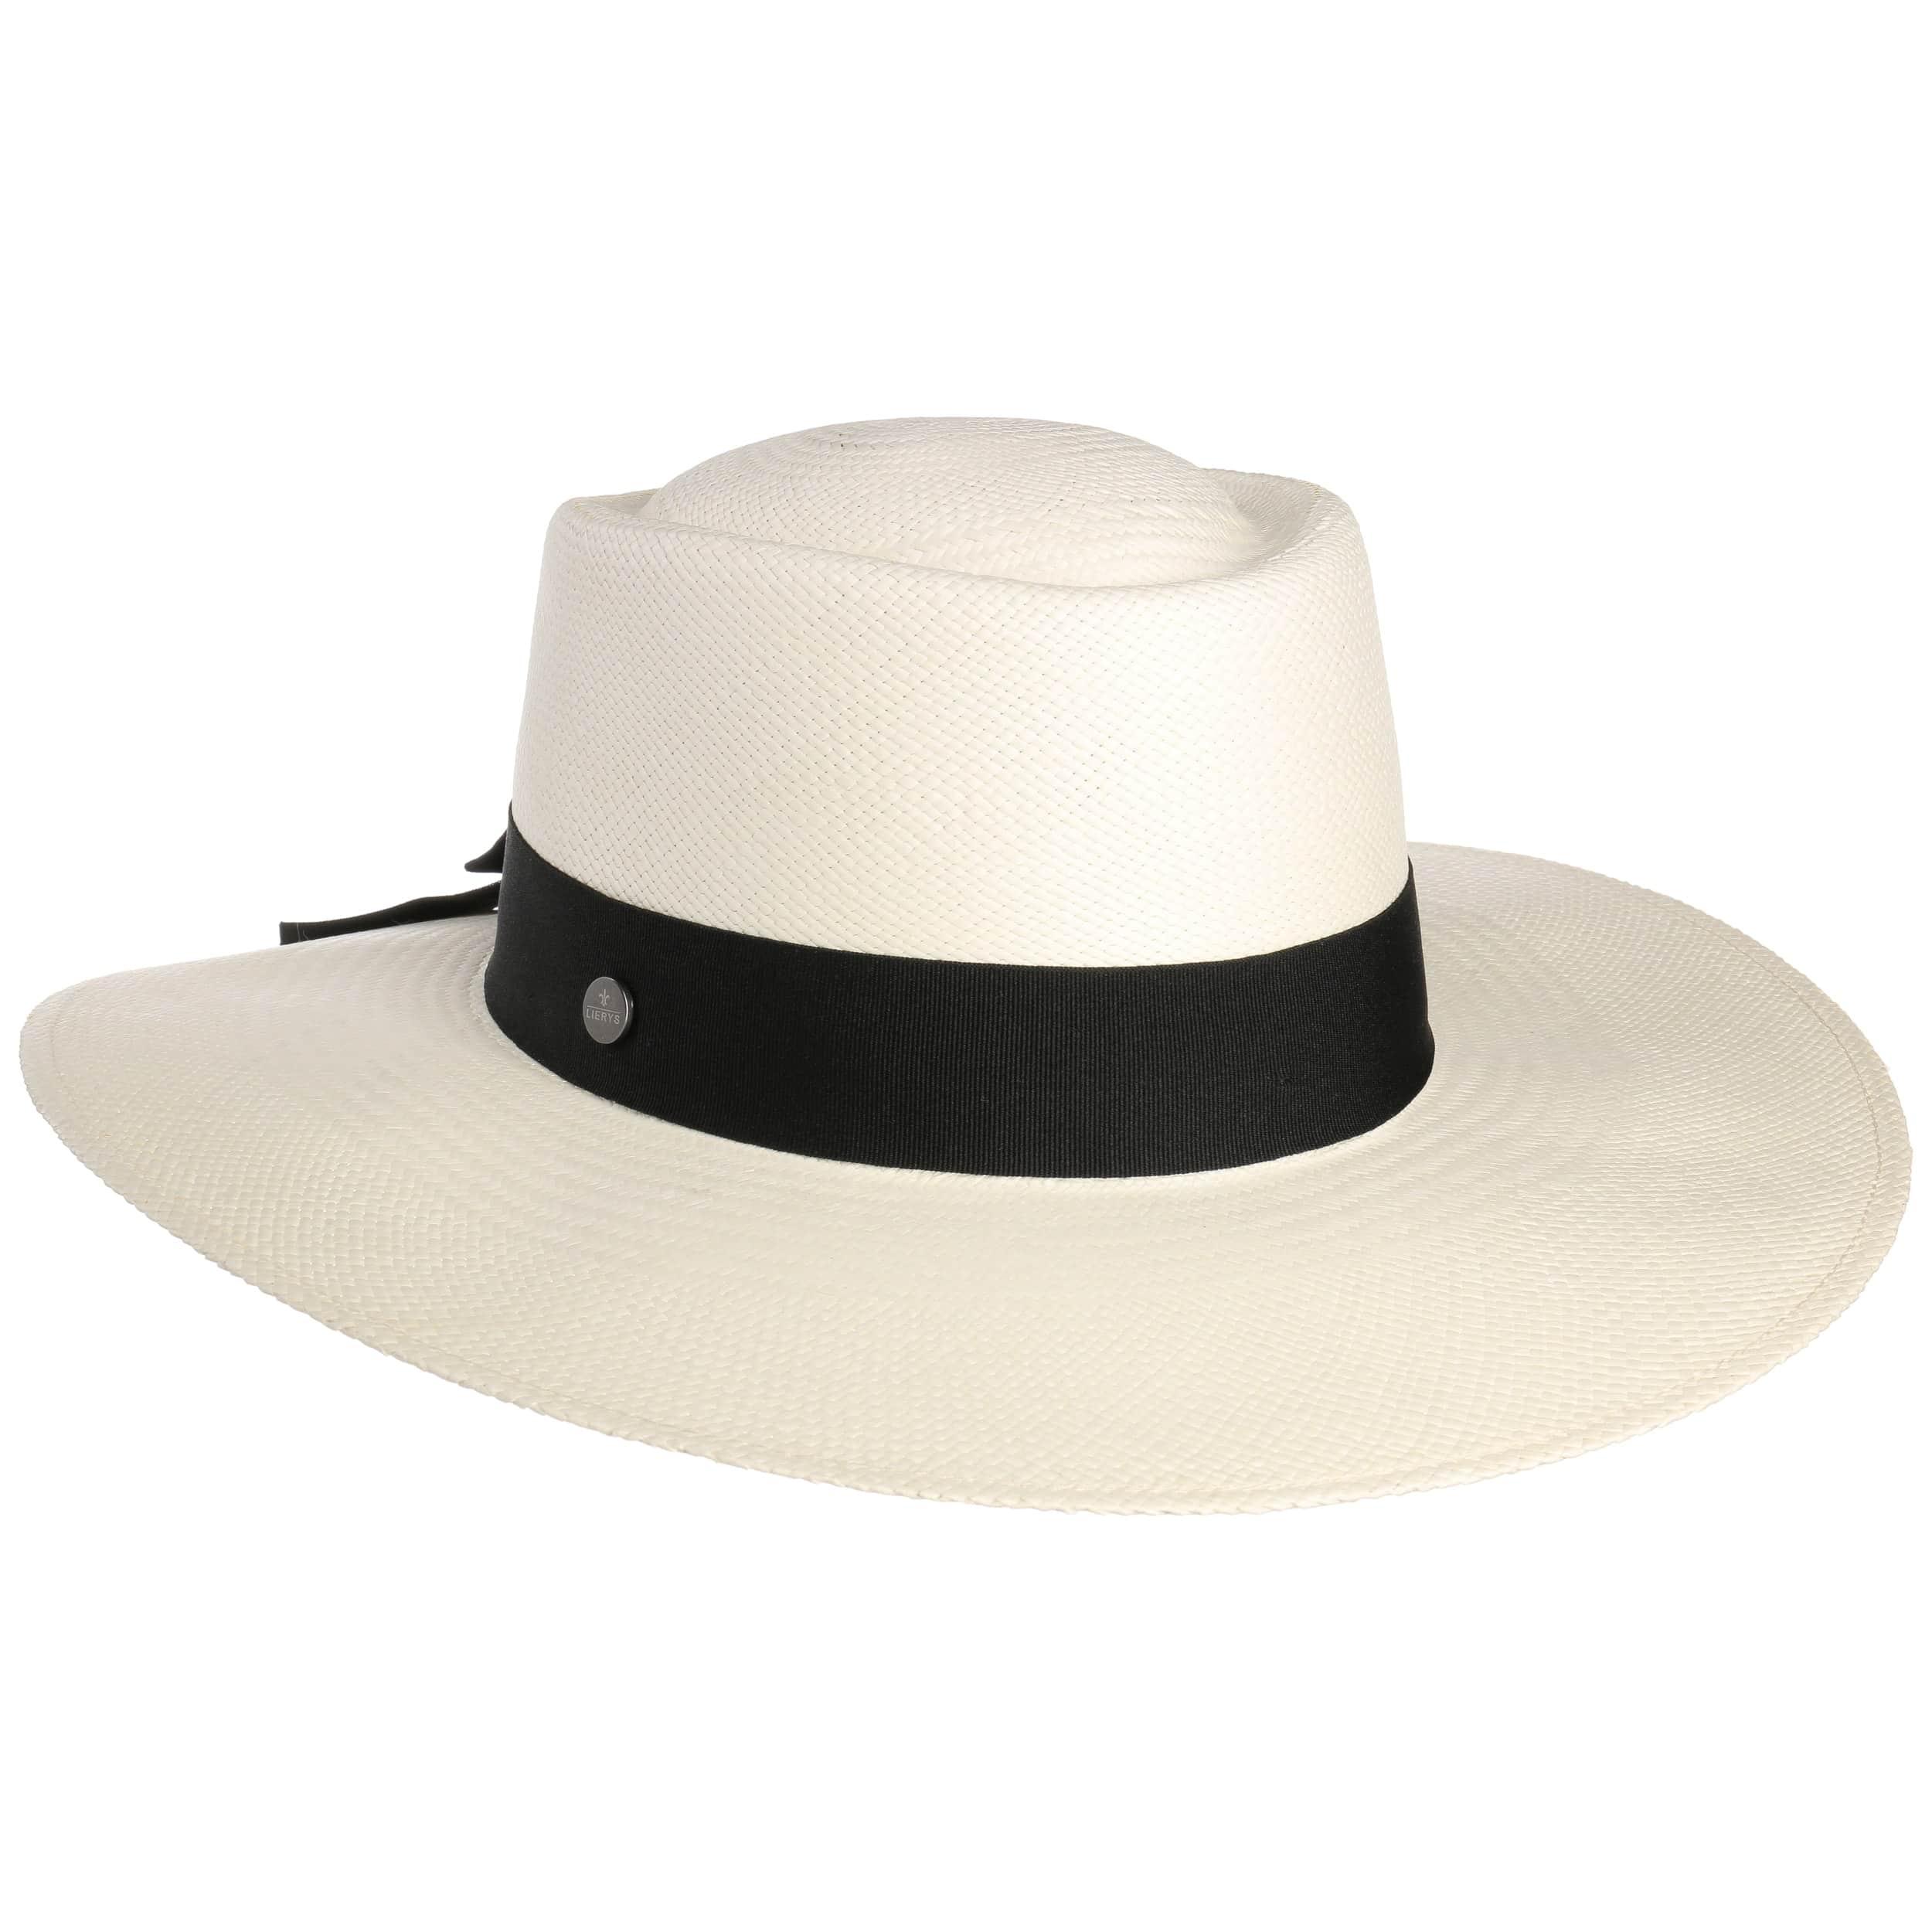 bolero 180 s panama hat by lierys gbp 98 95 gt hats